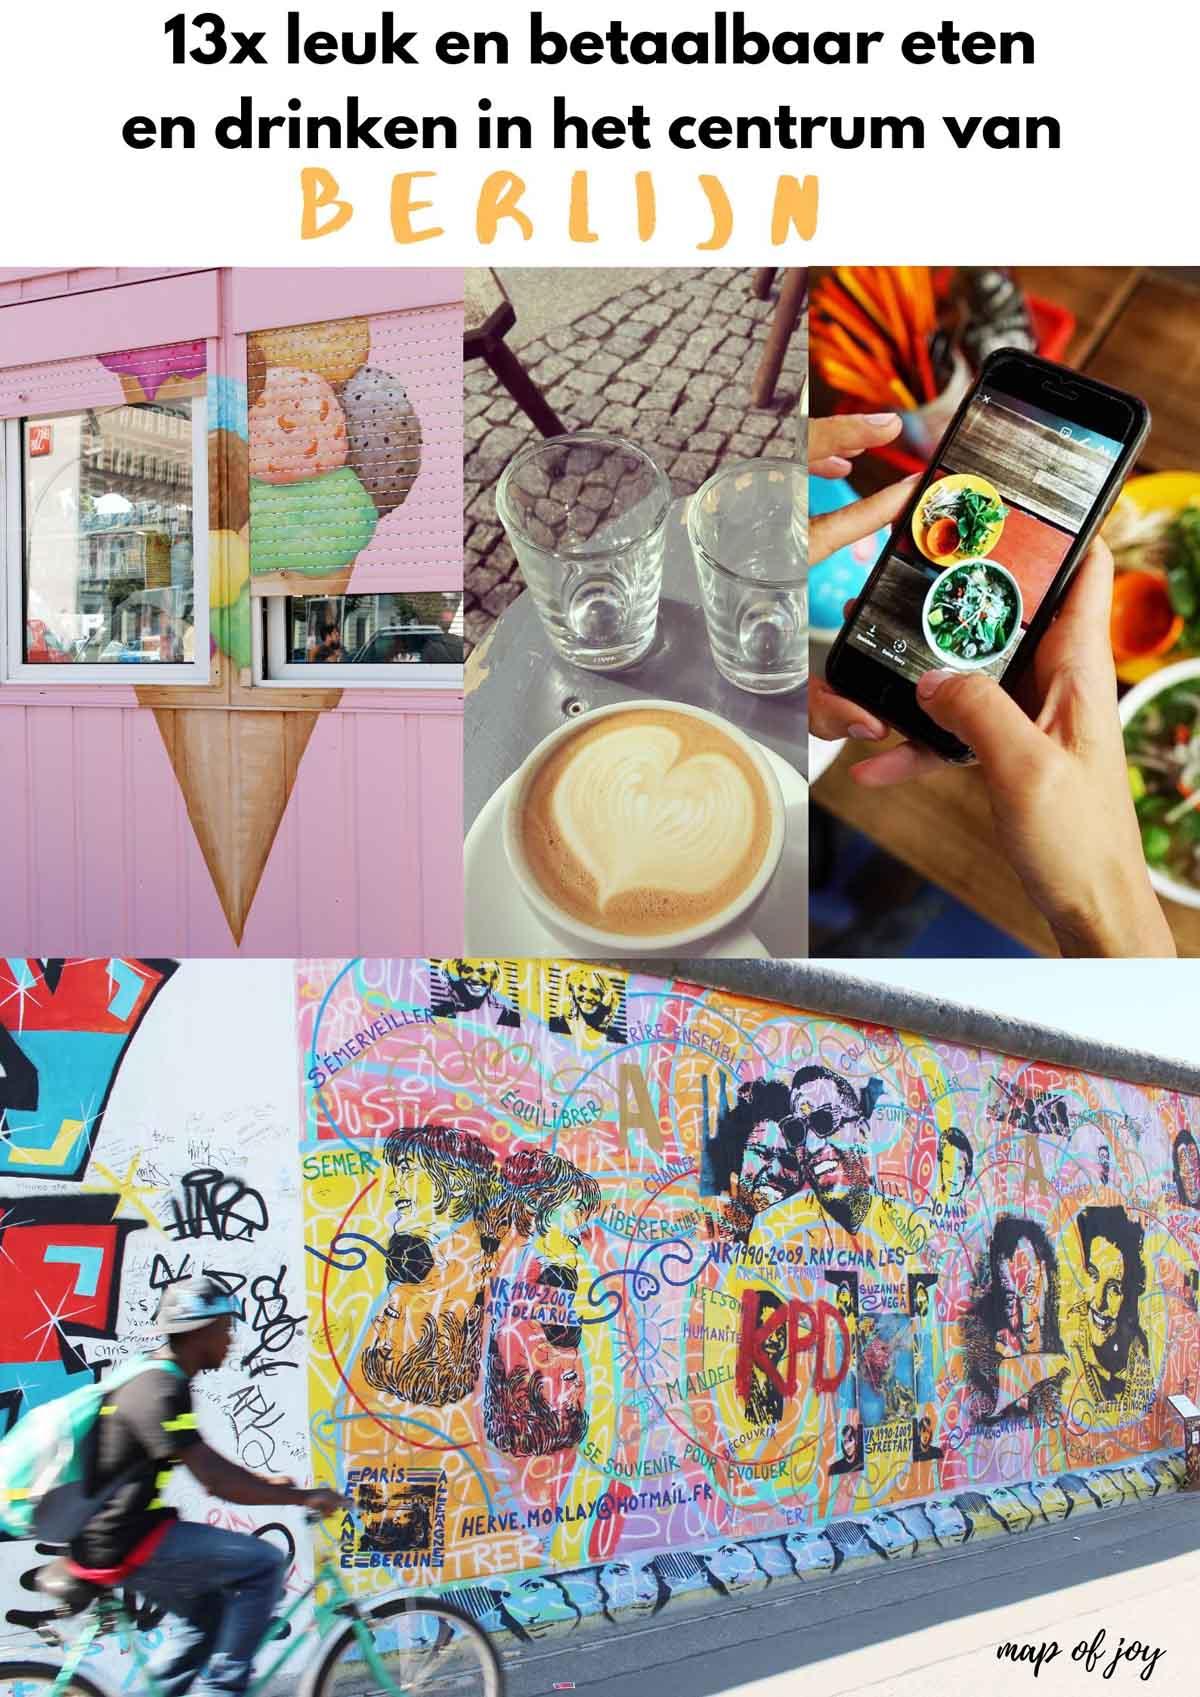 13x leuk en betaalbaar eten en drinken in het centrum van Berlijn (wijk Mitte) - Map of Joy